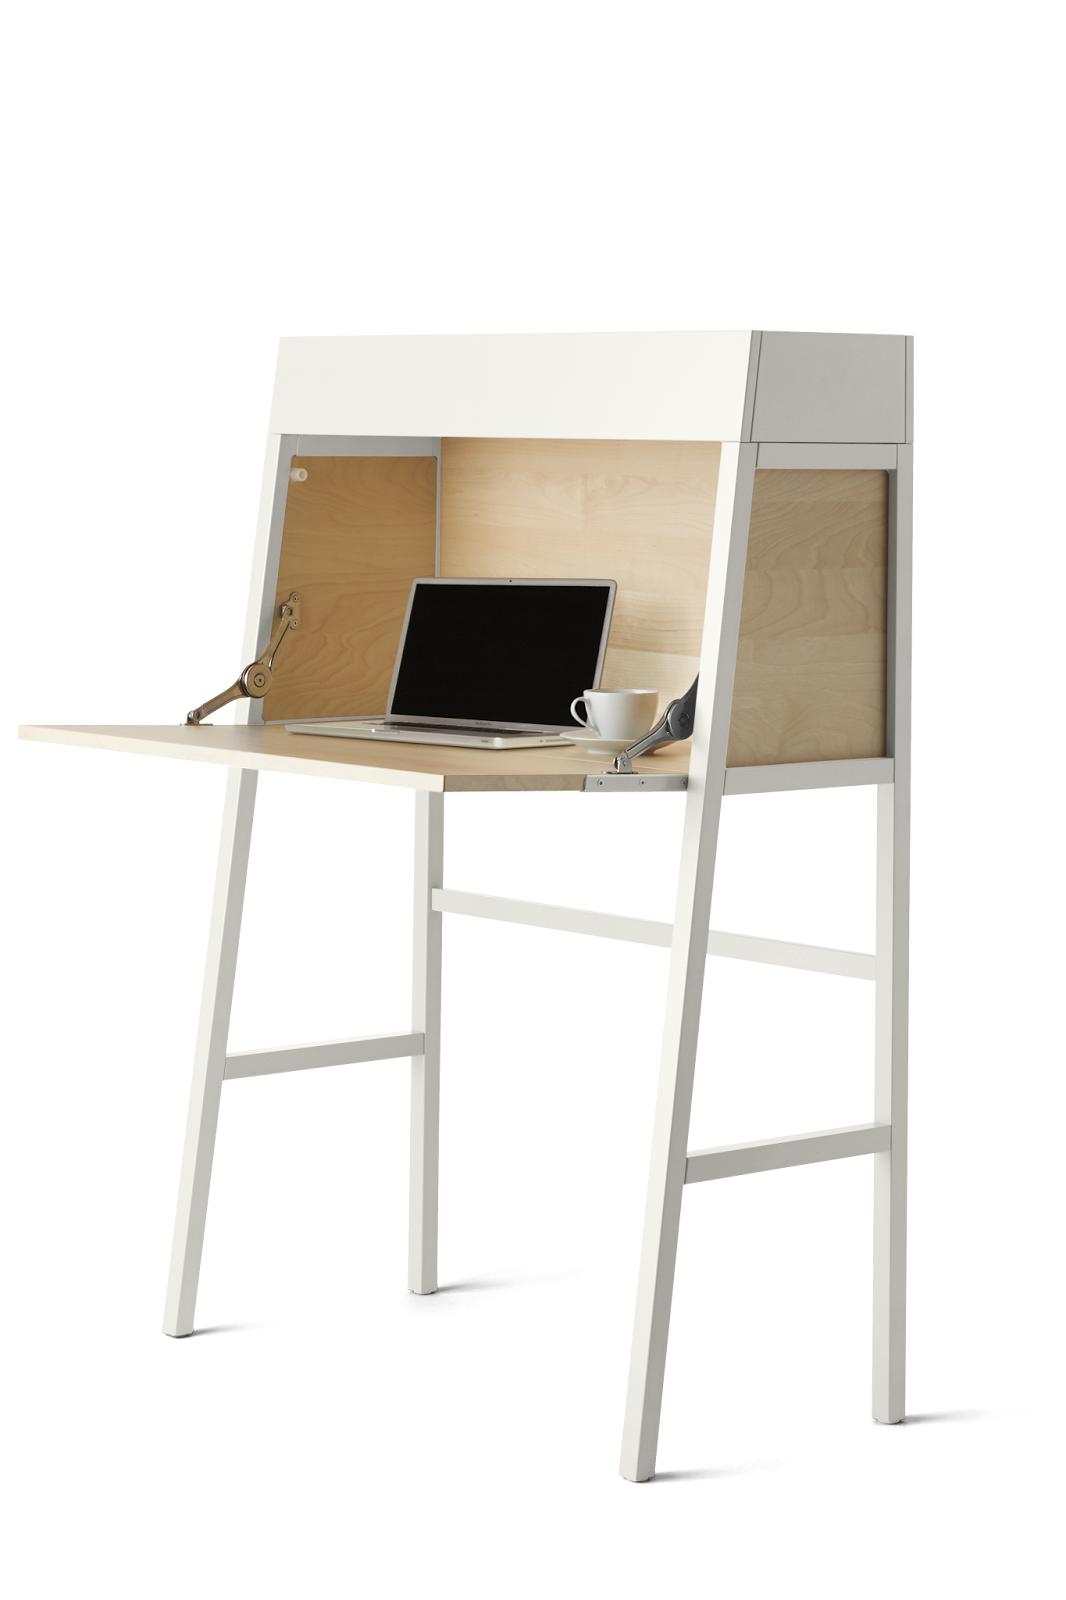 Secrétaire Ikea Ps Un Bureau Design Qui Ne Prend Pas